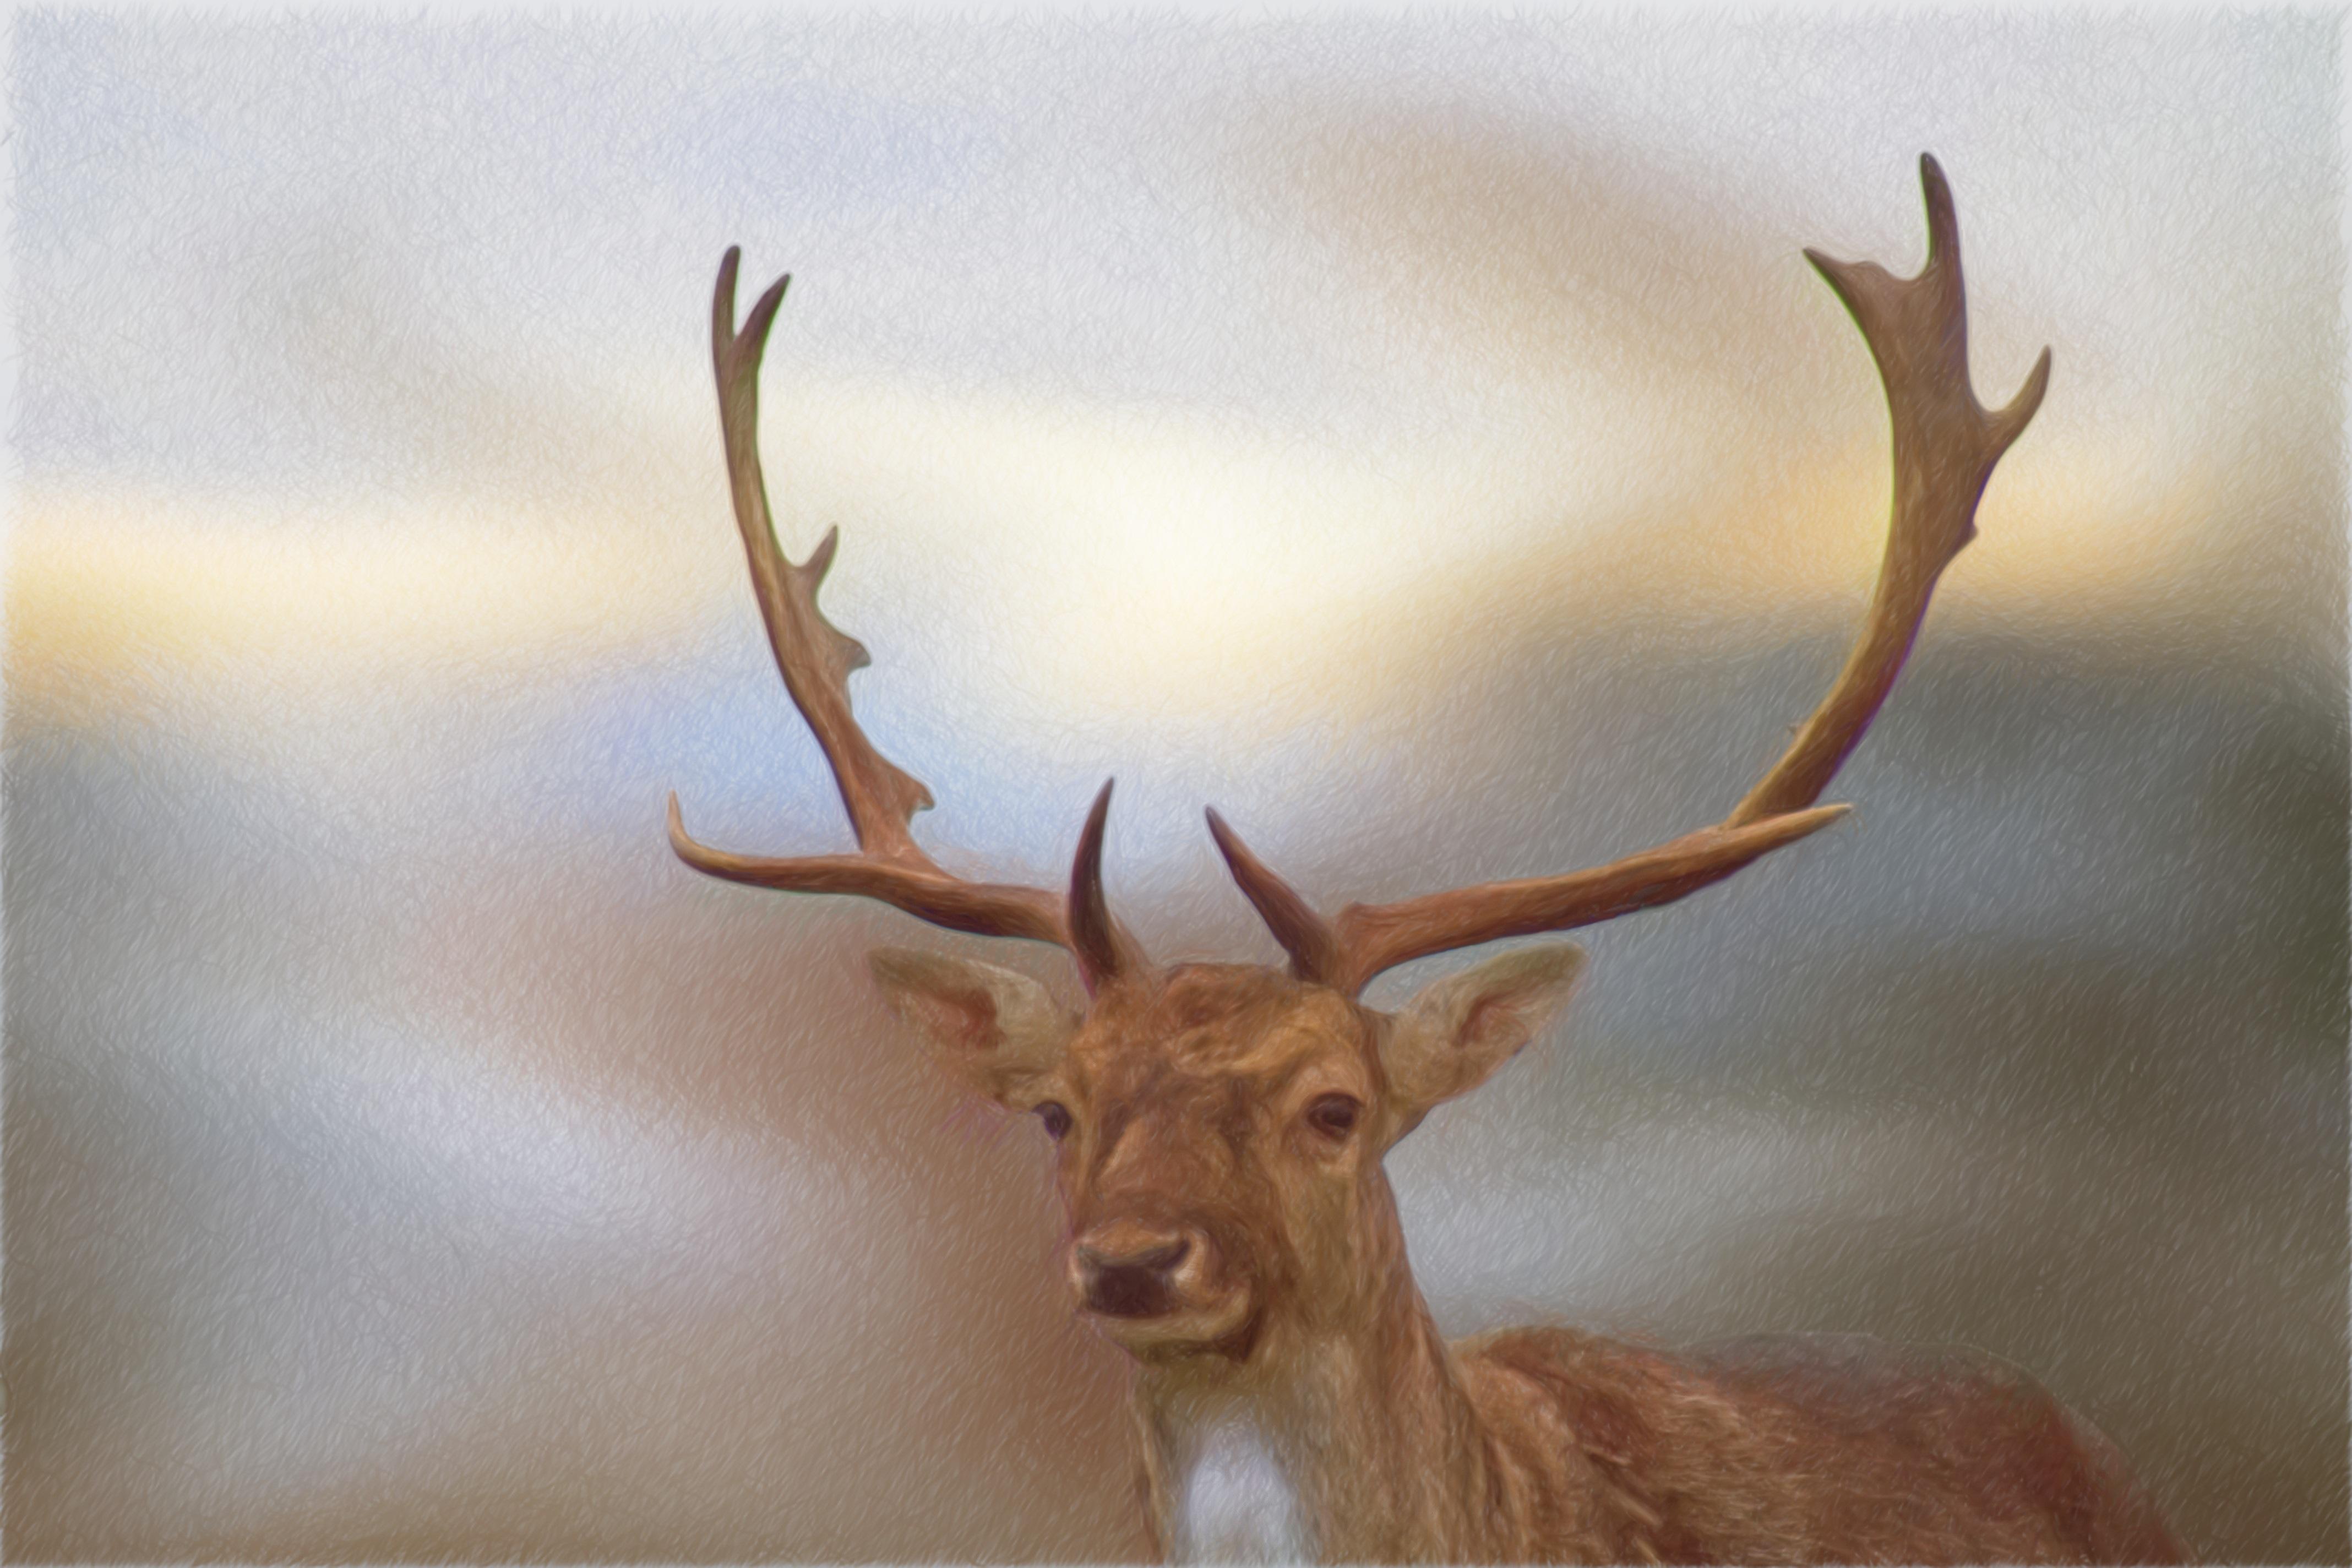 Fotos Gratis Fauna Silvestre Ciervo Cuerno Mamífero Material